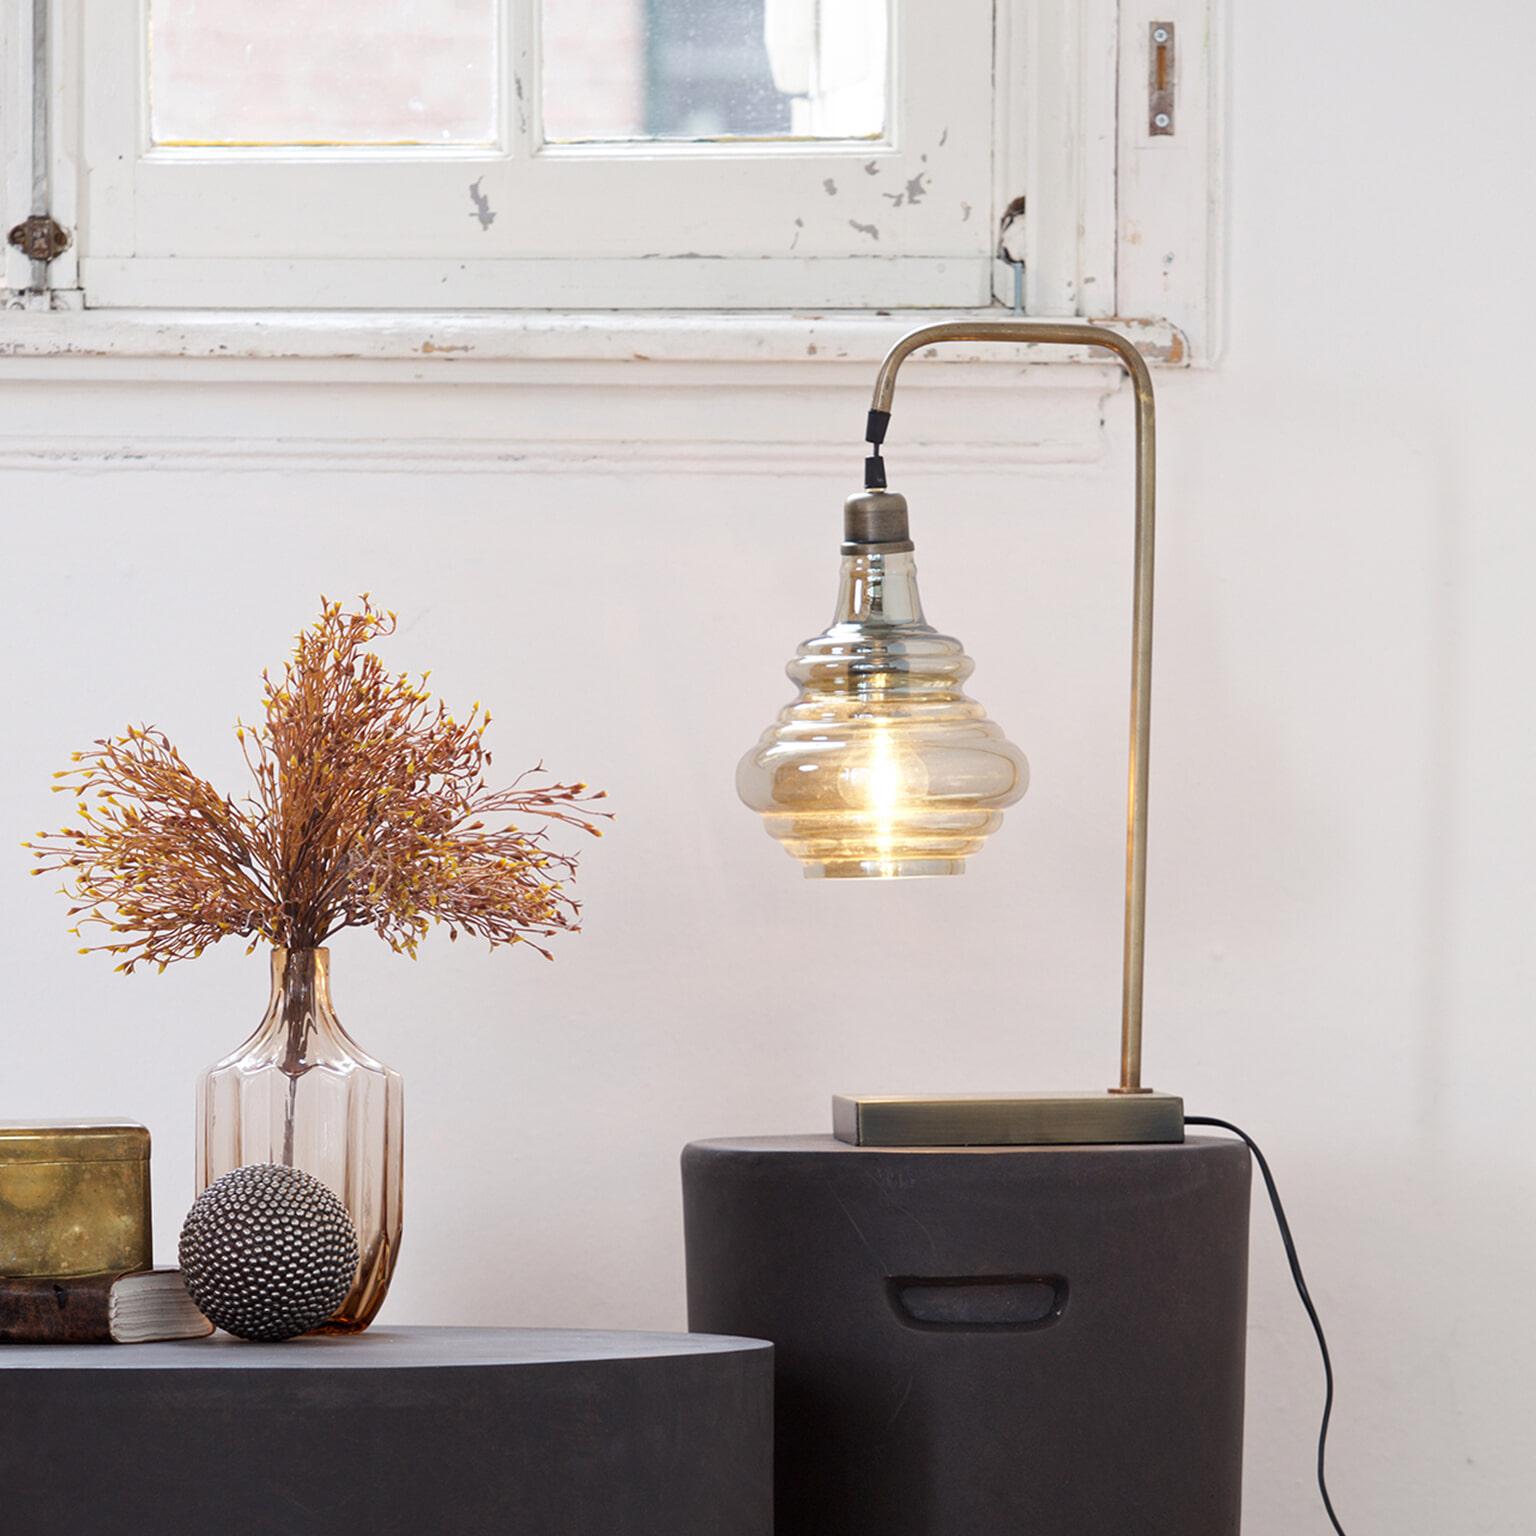 BePureHome Tafellamp 'Obvious', kleur Antique Brass Metaal met Antique Brass afwerking en glazen kelk aanschaffen? Kijk hier!